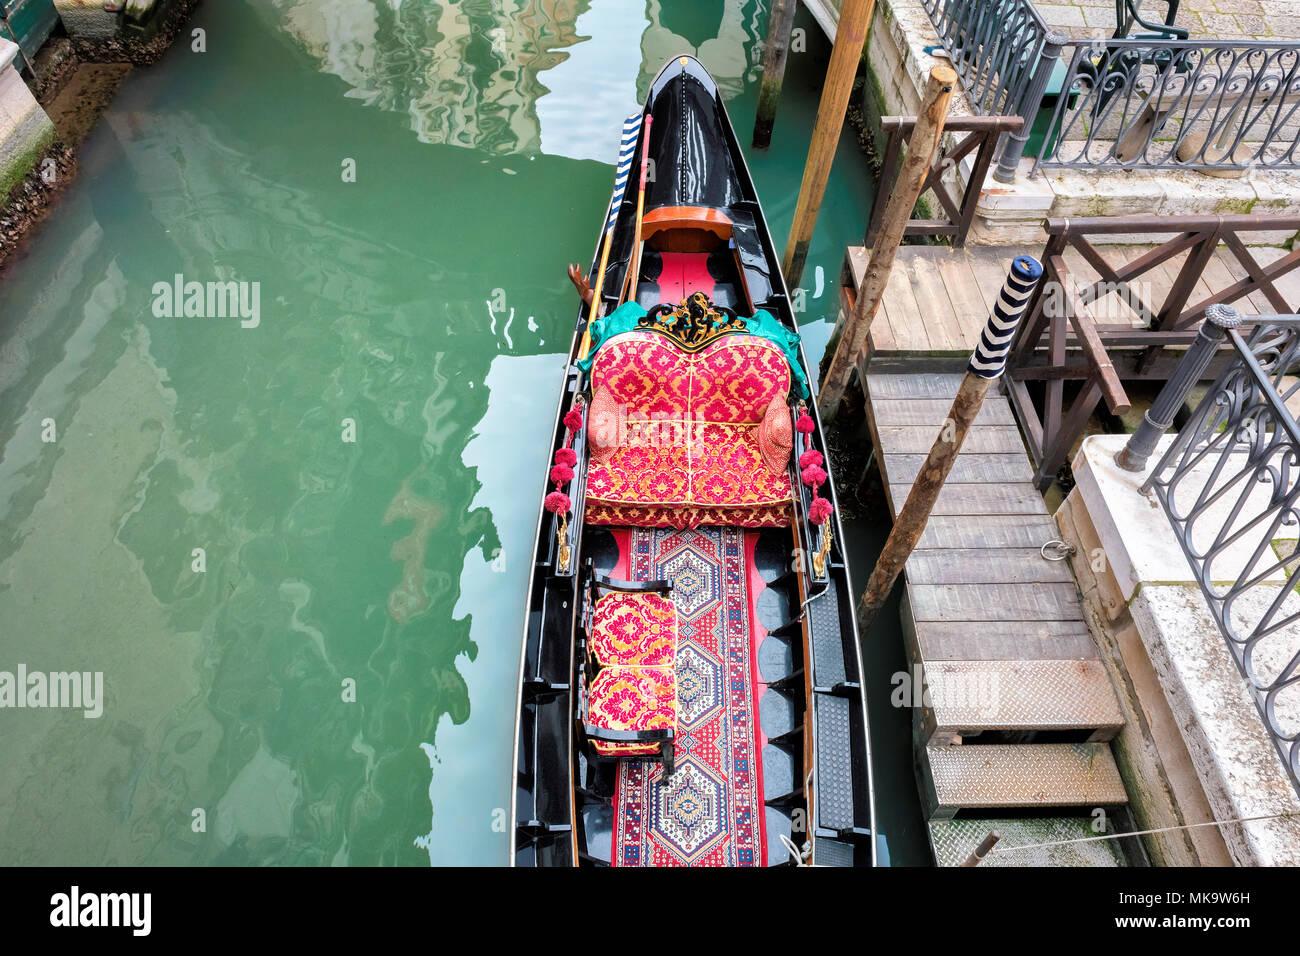 Paysage de Venise. Gondole vénitienne avec canal à Venise, Italie. Photo Stock